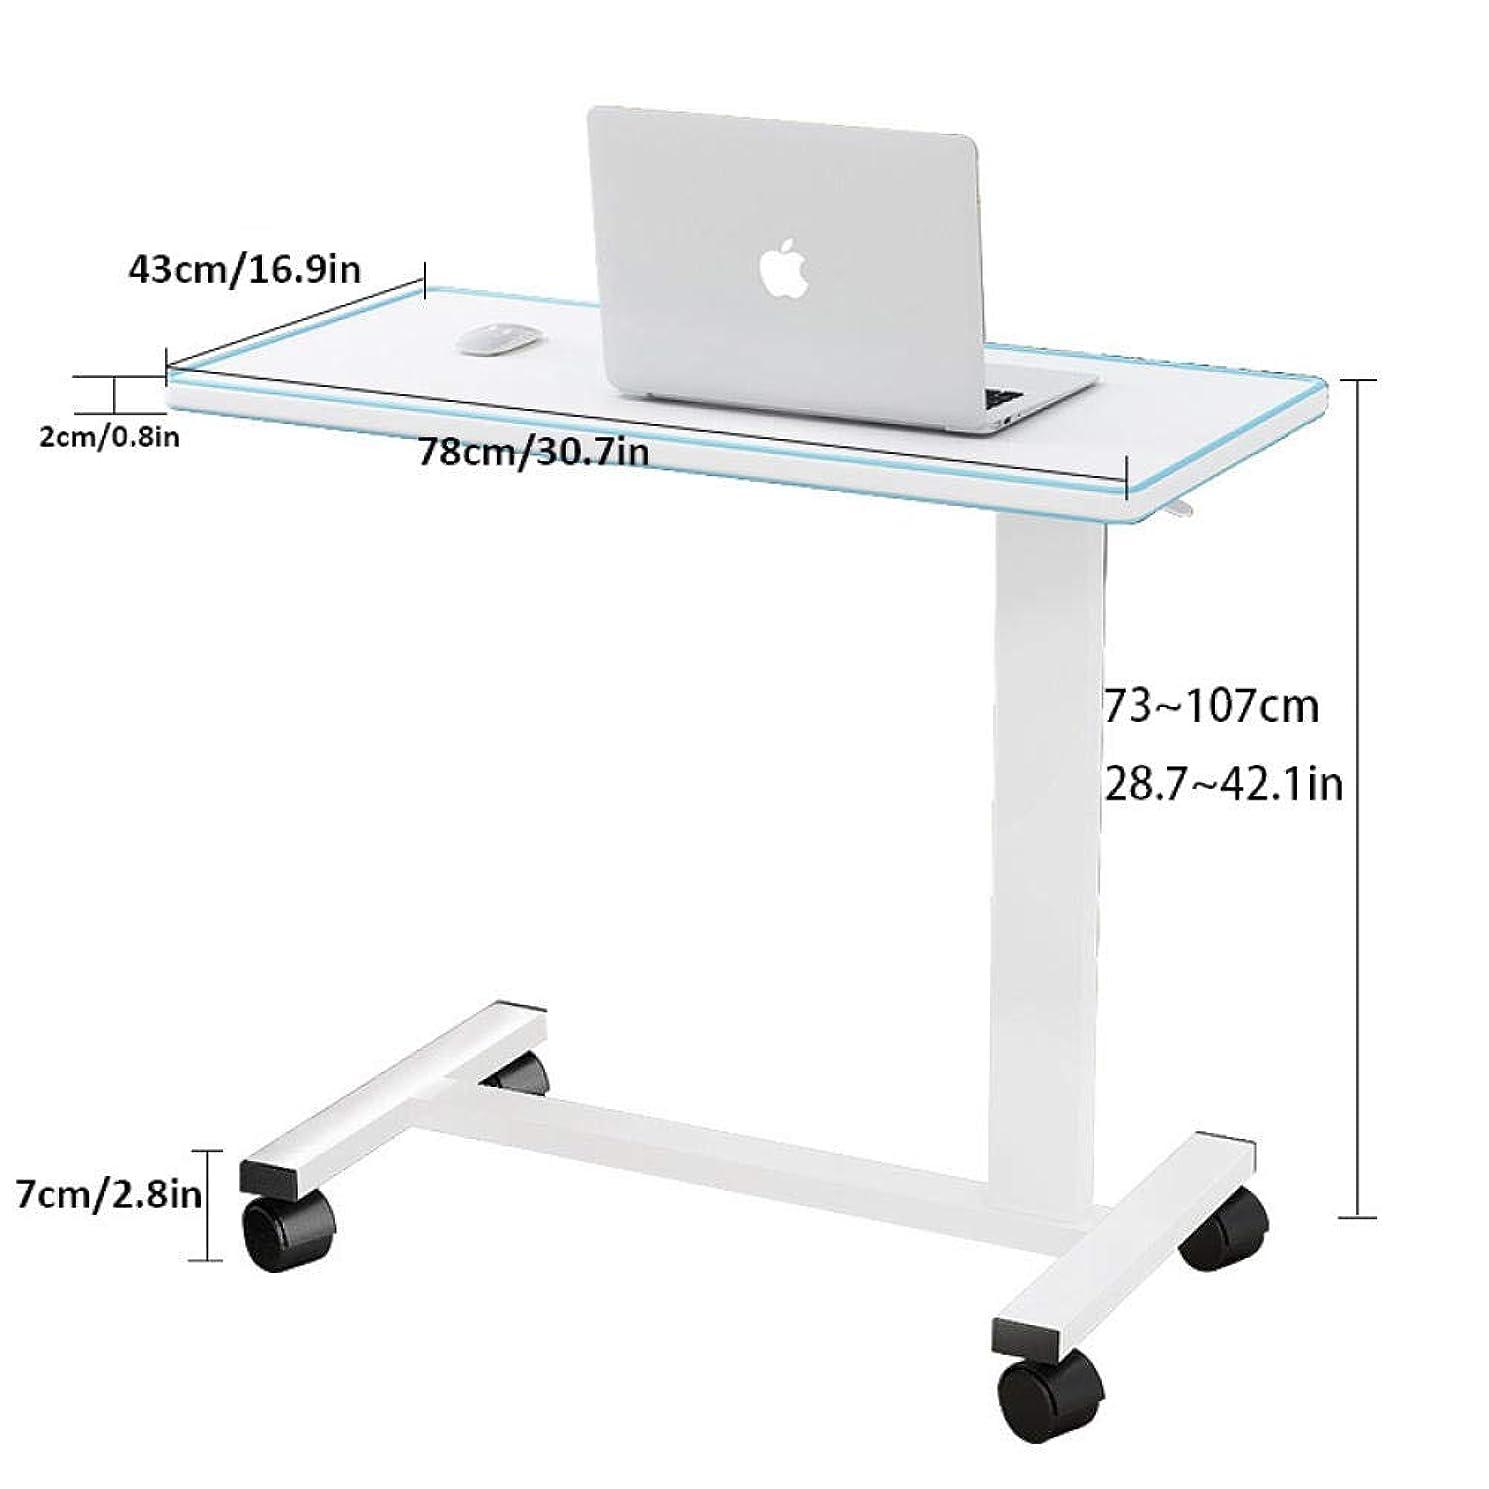 限界調査減衰鋼管 移動昇降式テーブル 立って 白密度ボード 付き,エルゴノミクス 昇降式デスク 高さ調節可能、ロック可能なキャスター